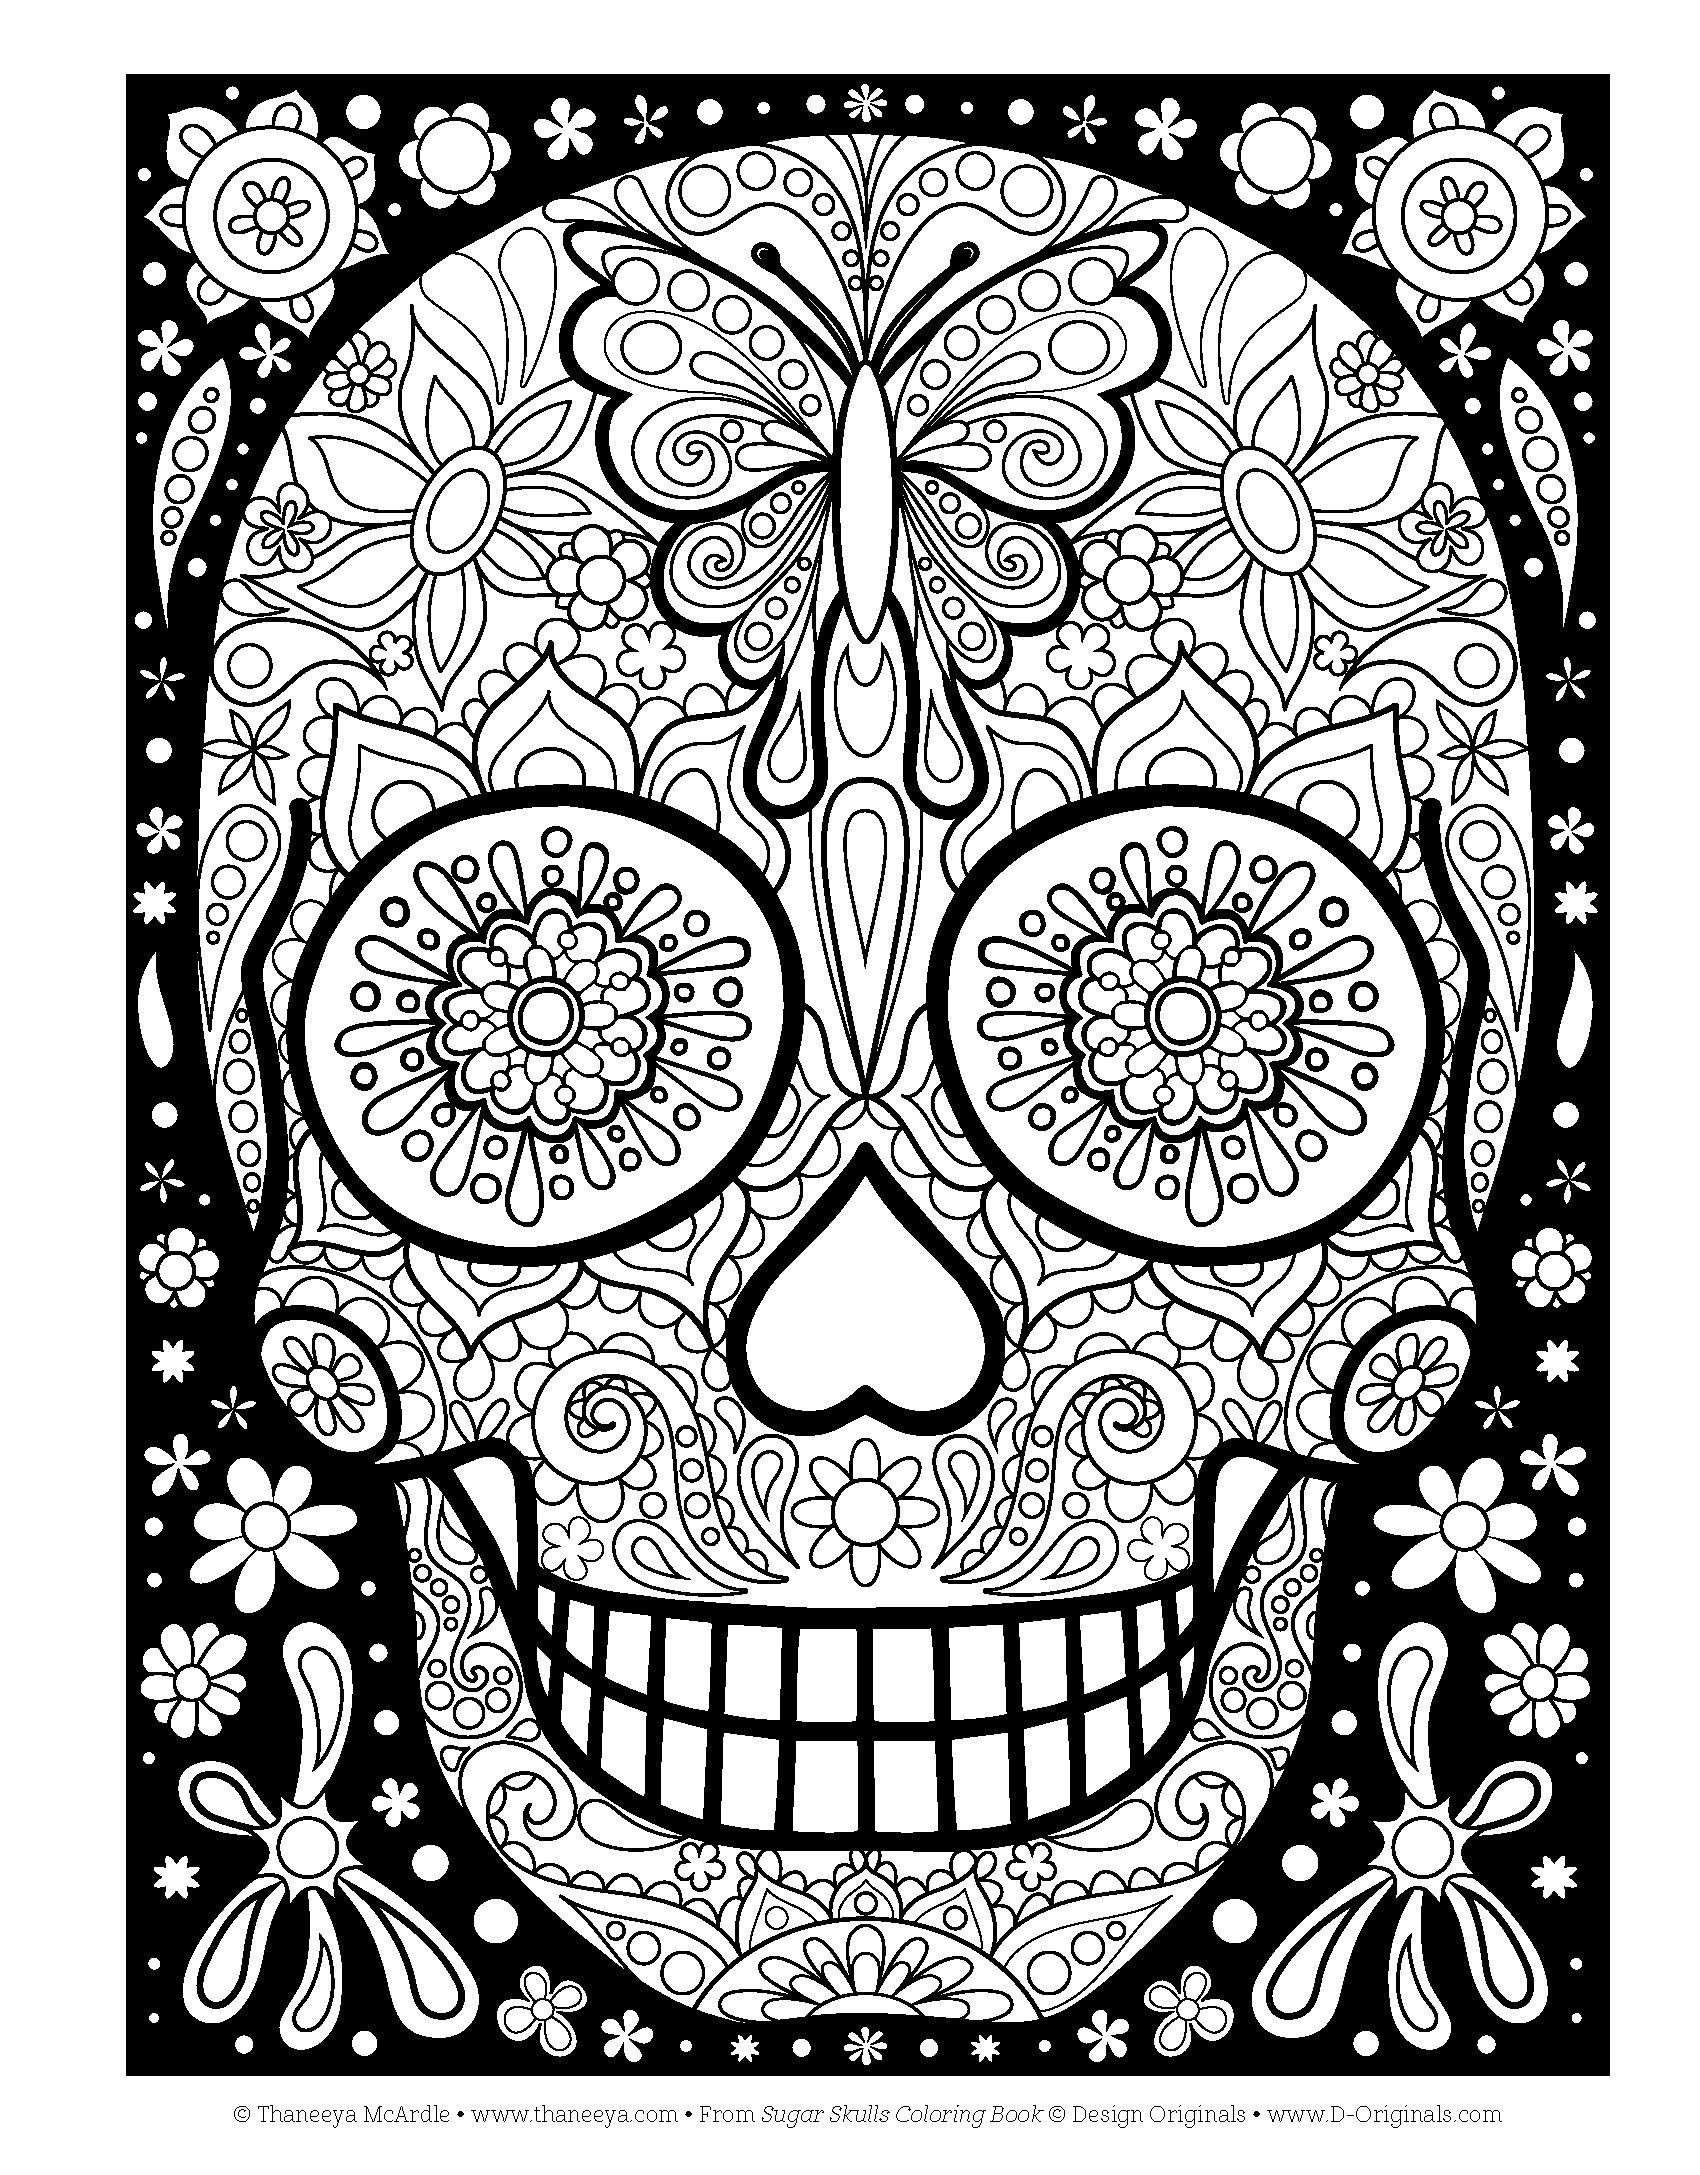 Разрисованный череп